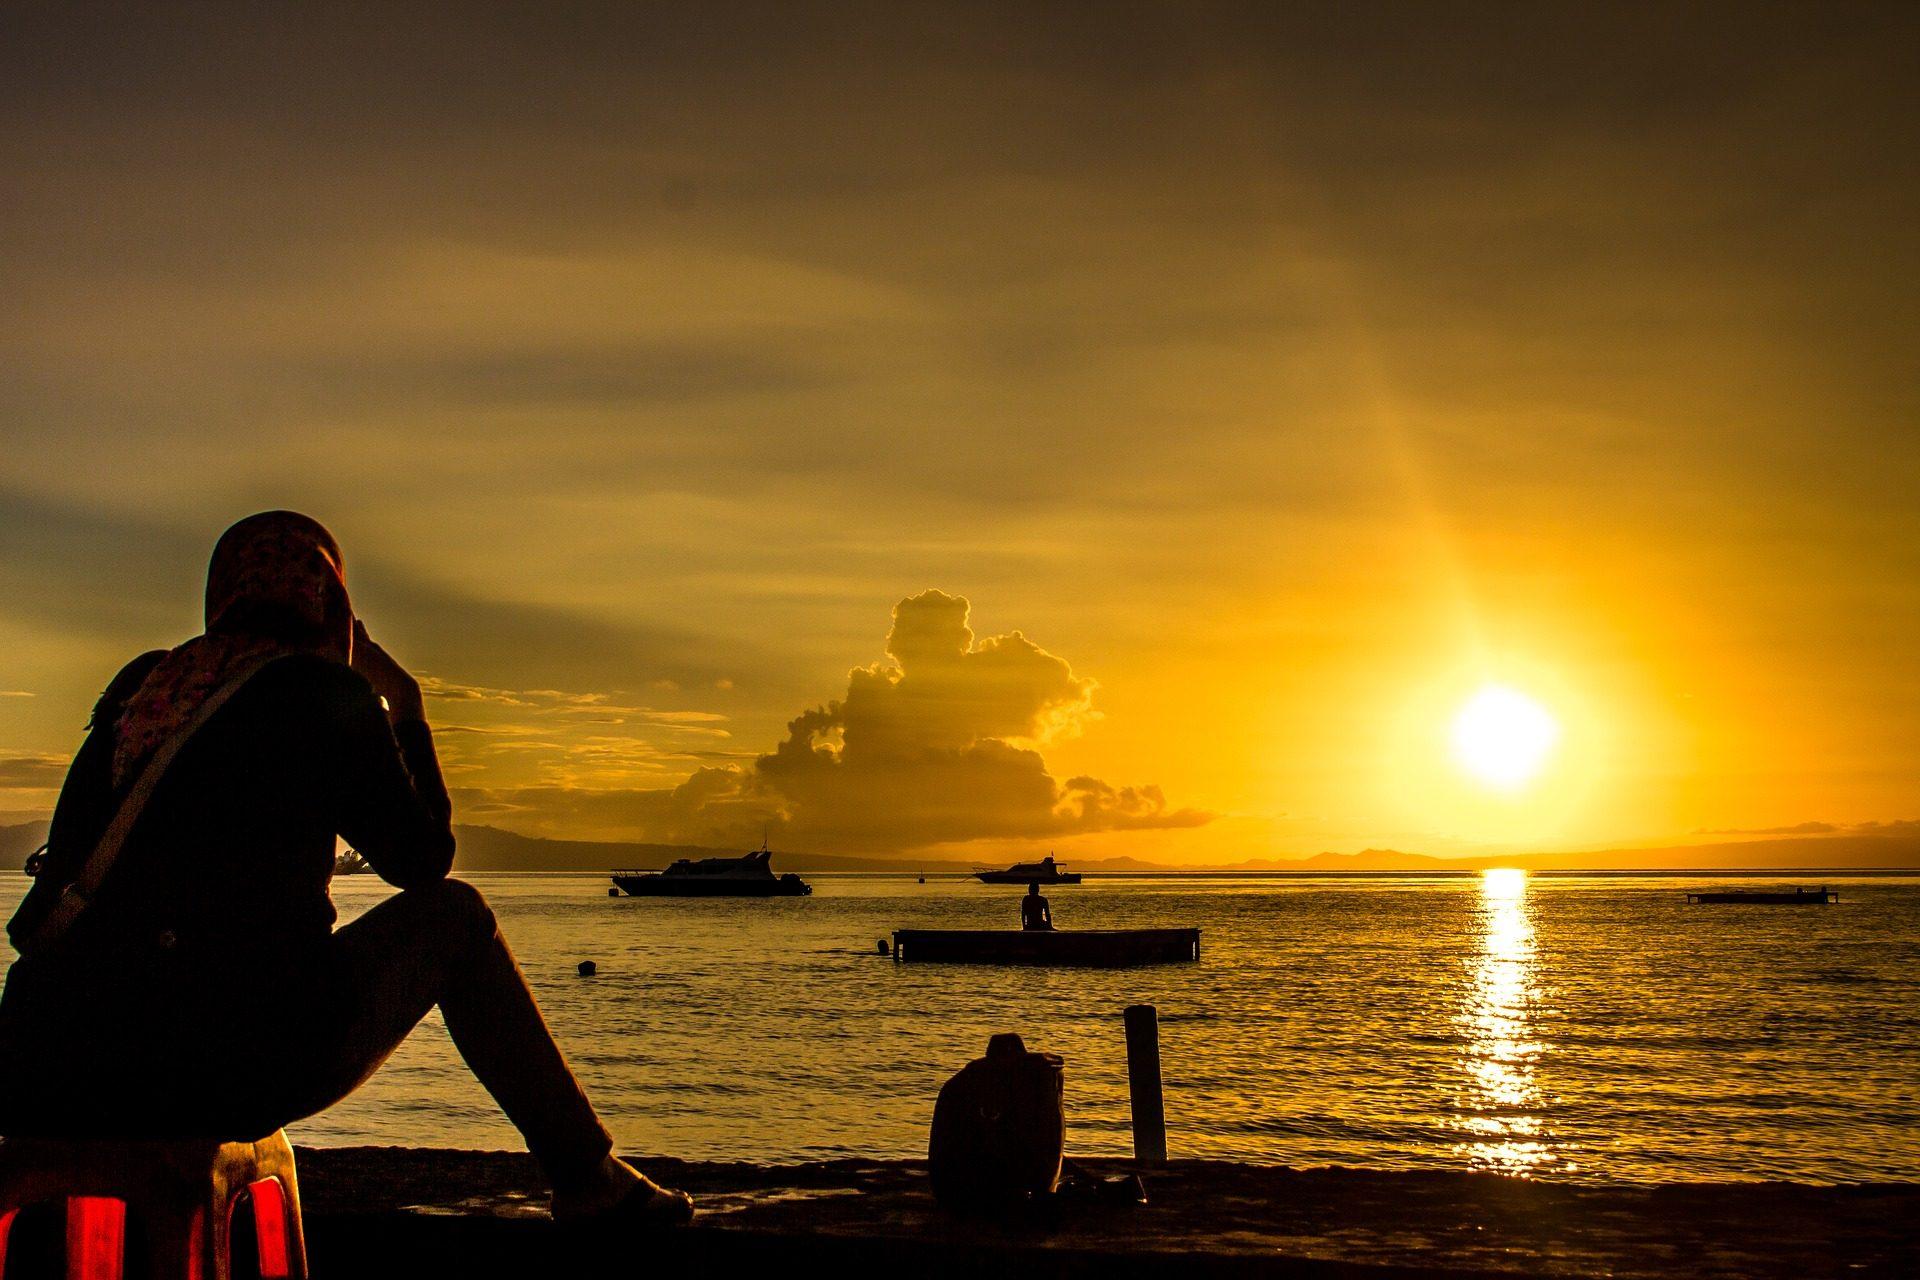 Fond d cran de mer coucher de soleil oc an bateaux - Fond ecran coucher de soleil sur la mer ...